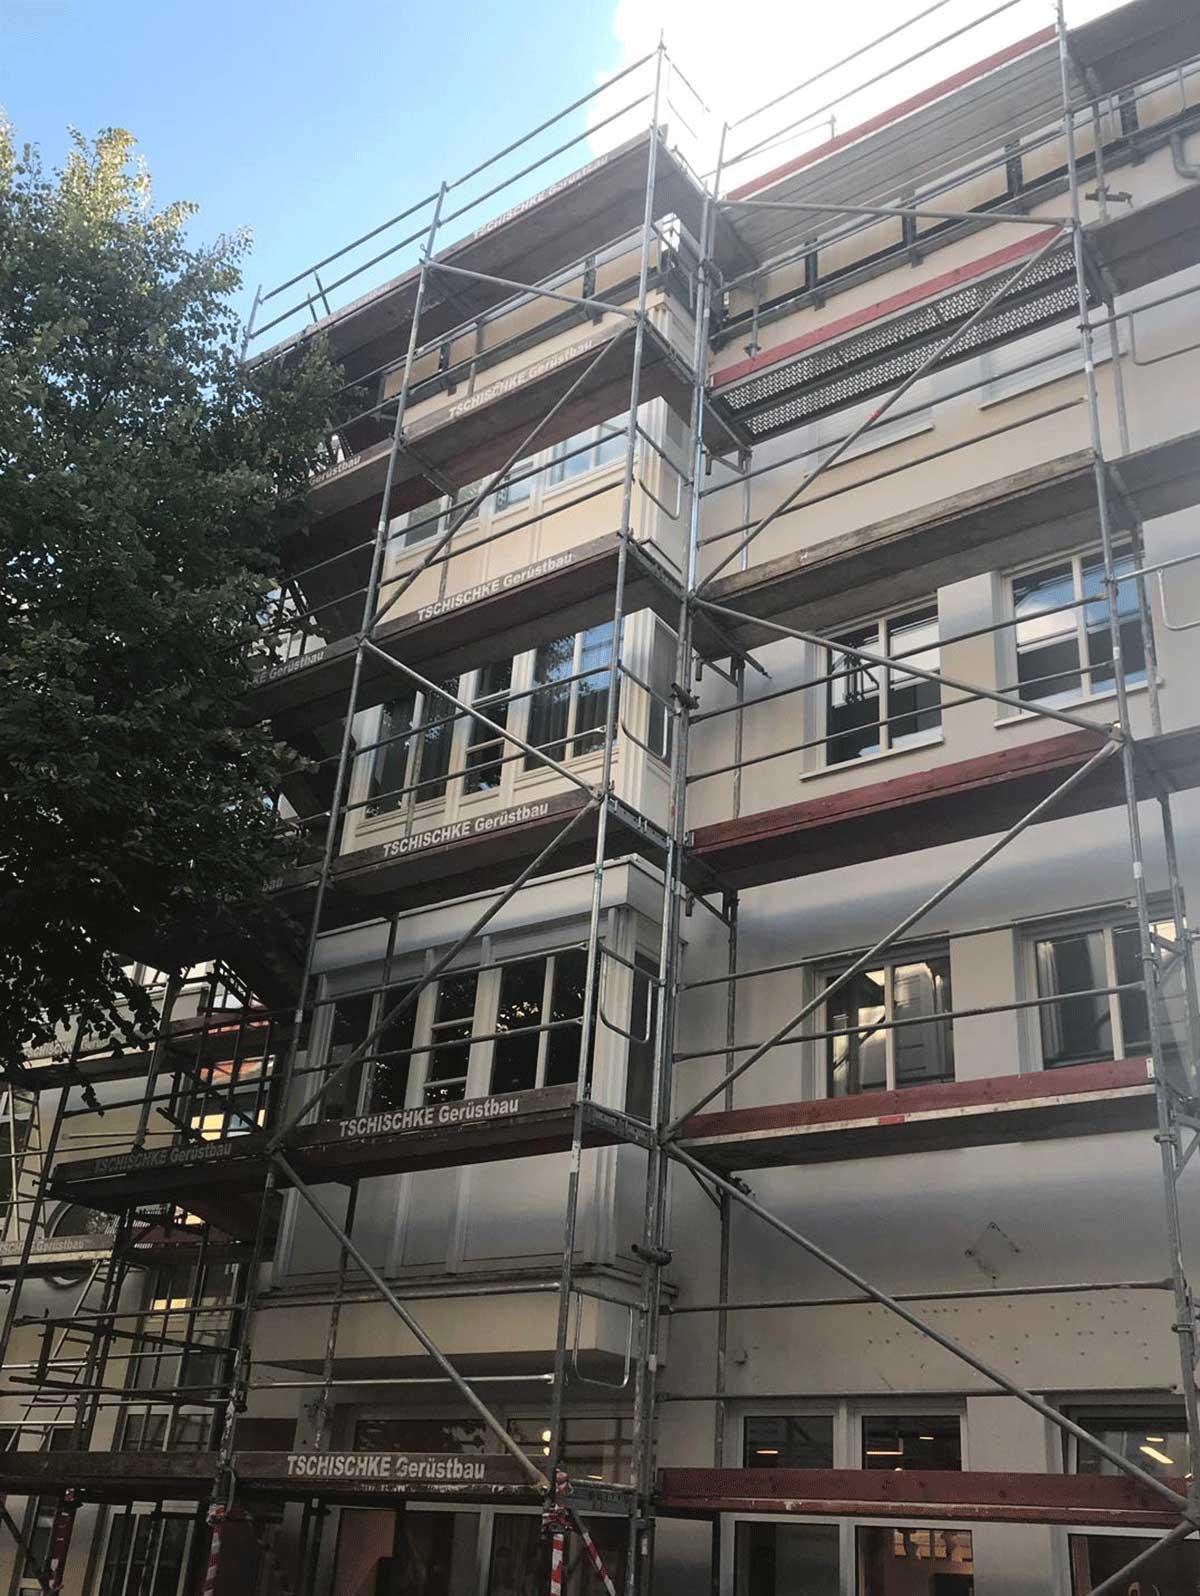 Fassadengerüst Arbeitsgerüst Baustelle Bauvorhaben Vlotho Herford deutschlandweit